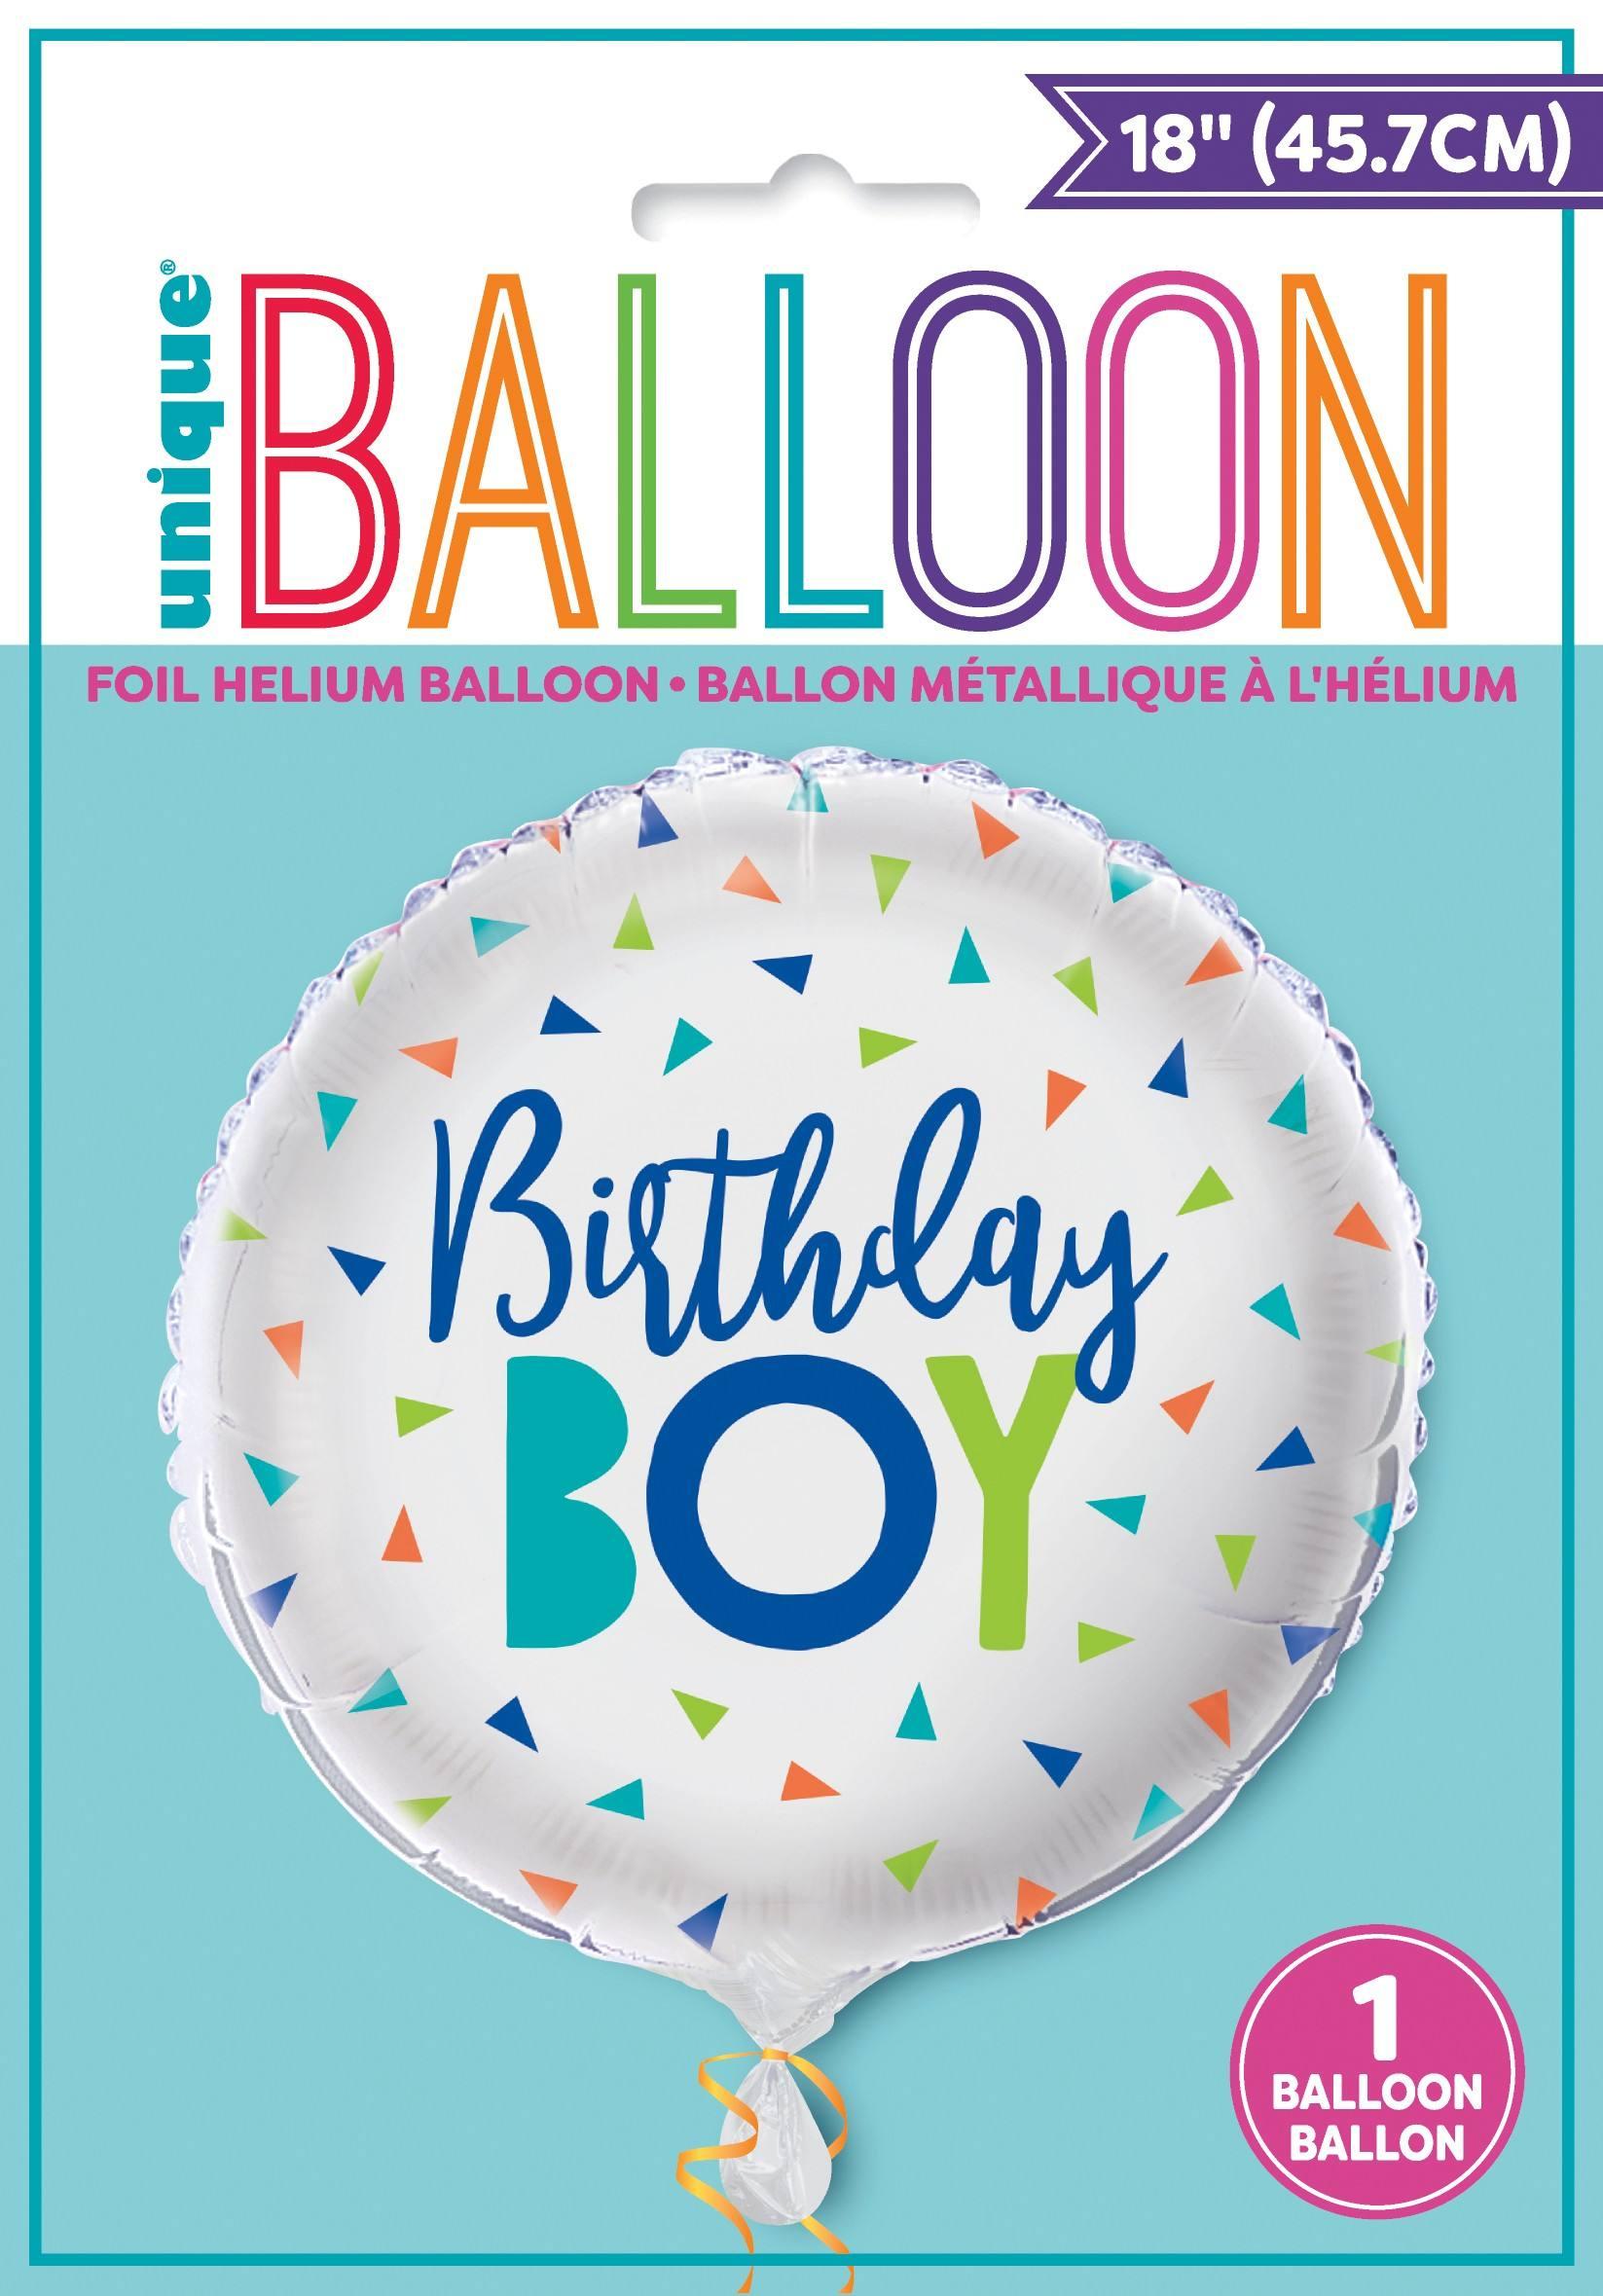 54019-Confetti Birthday Boy Foil Balloon-NT